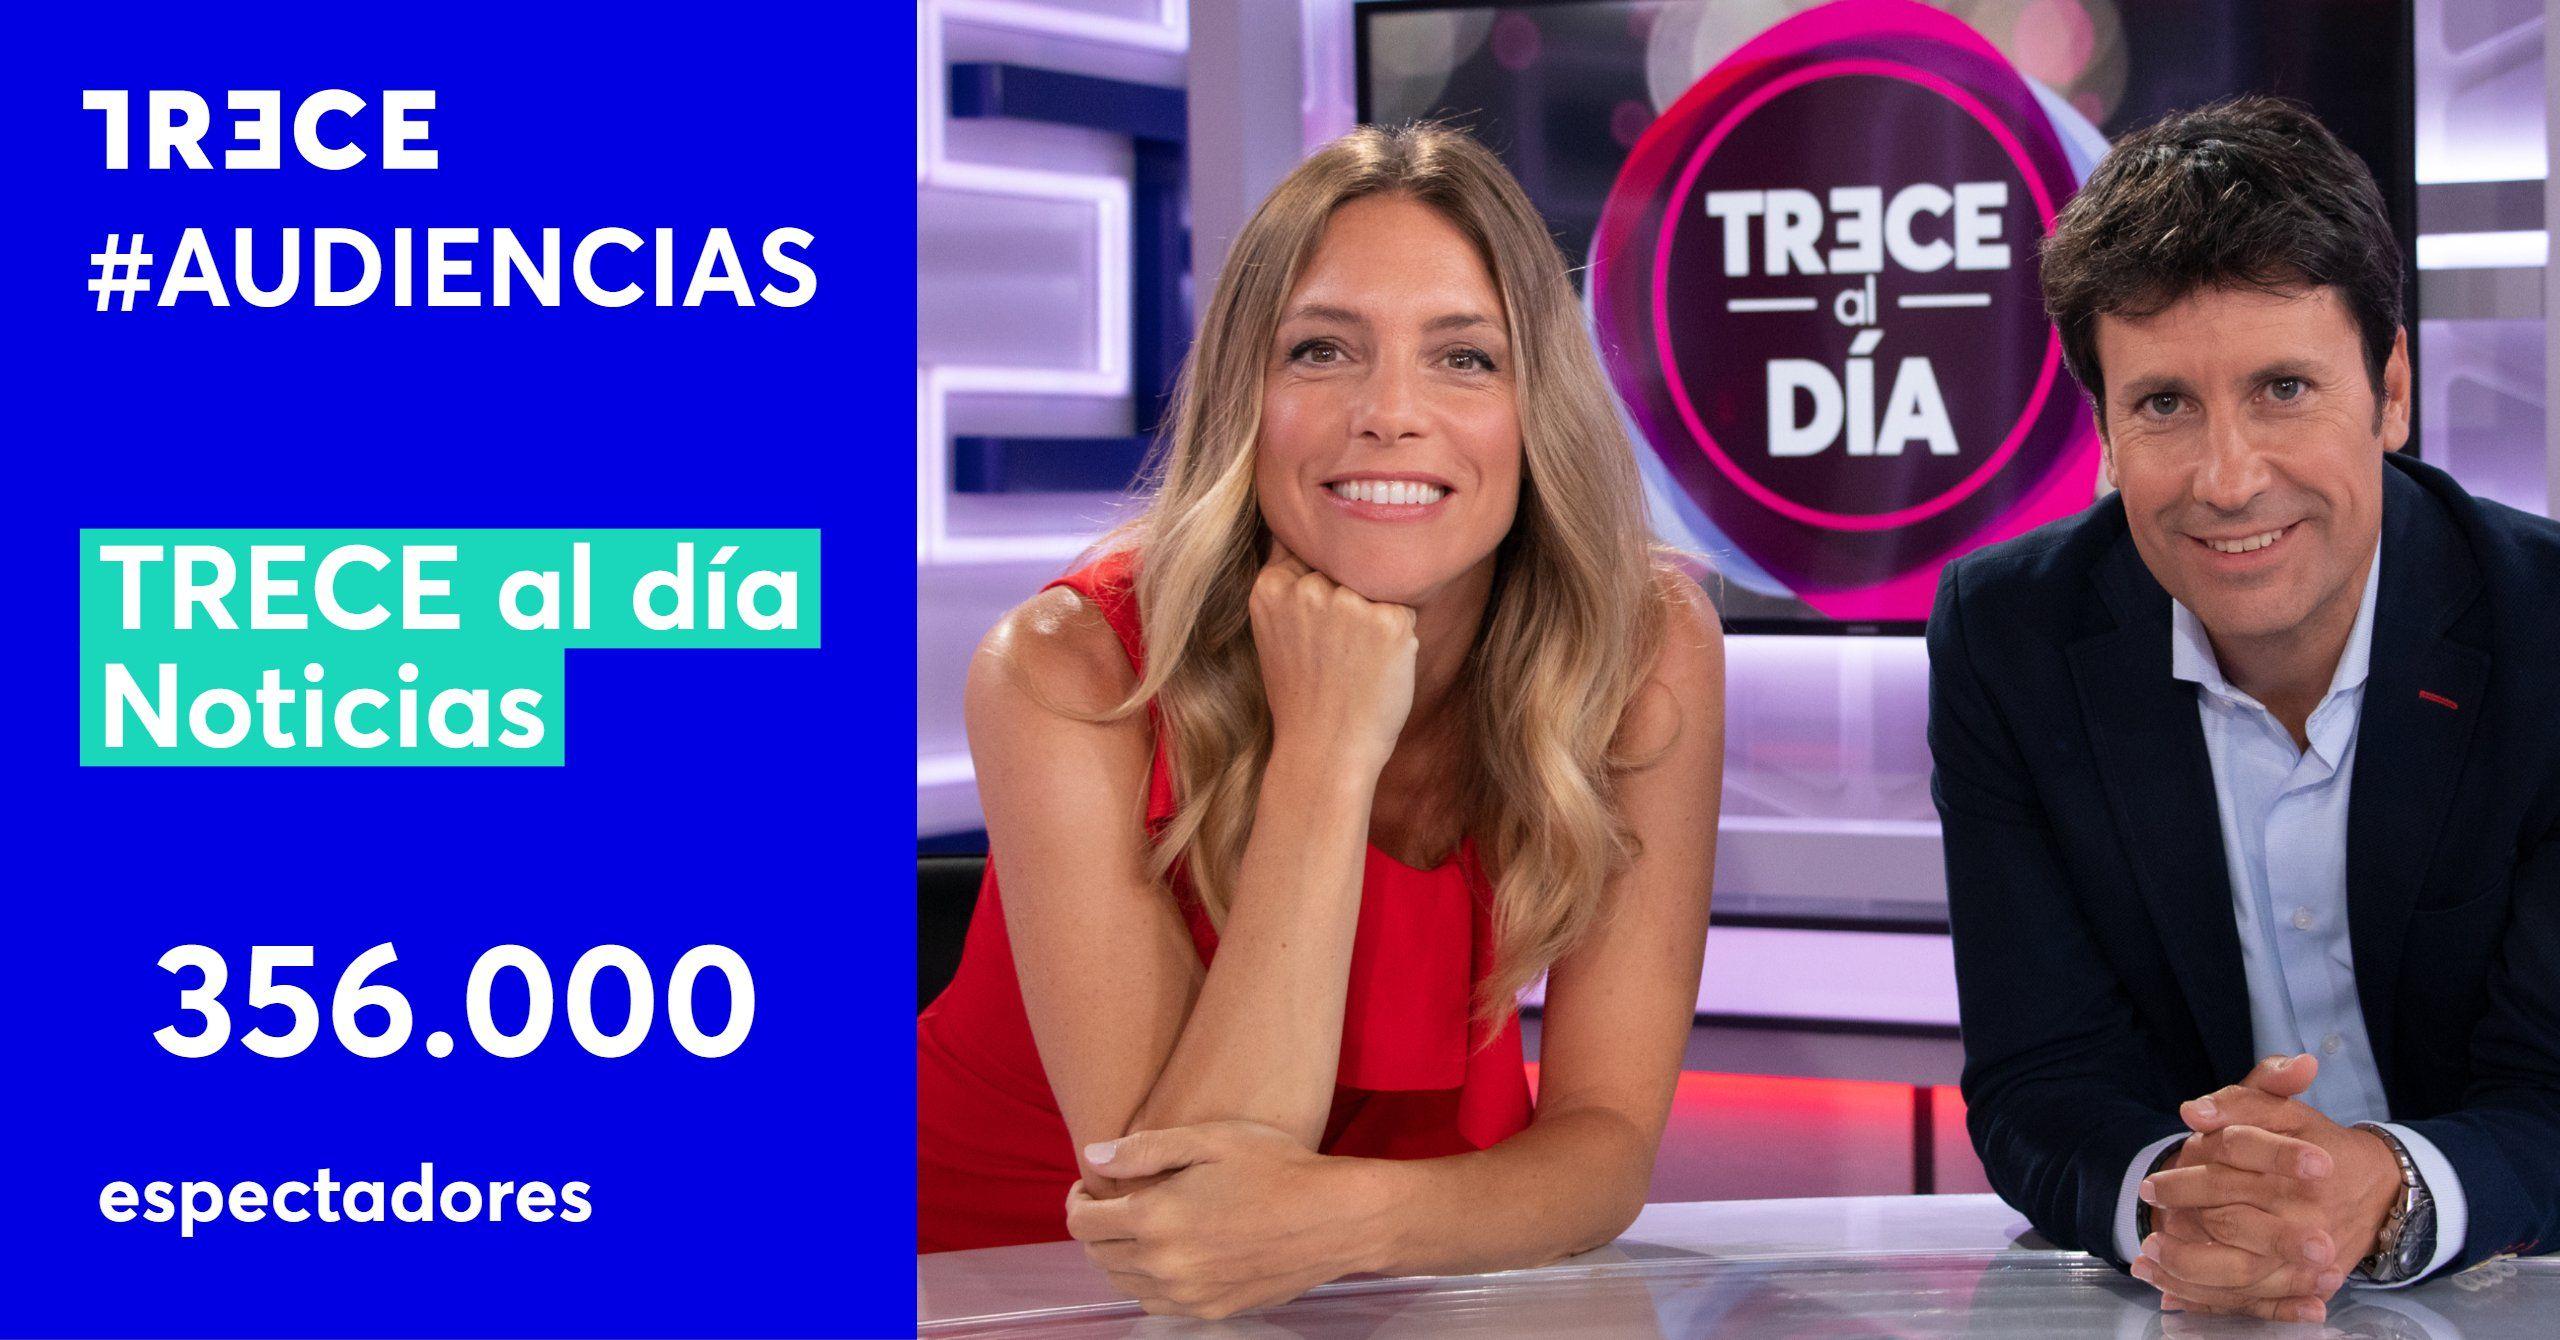 13TV pone los costes a raya ante la parálisis publicitaria en la TDT